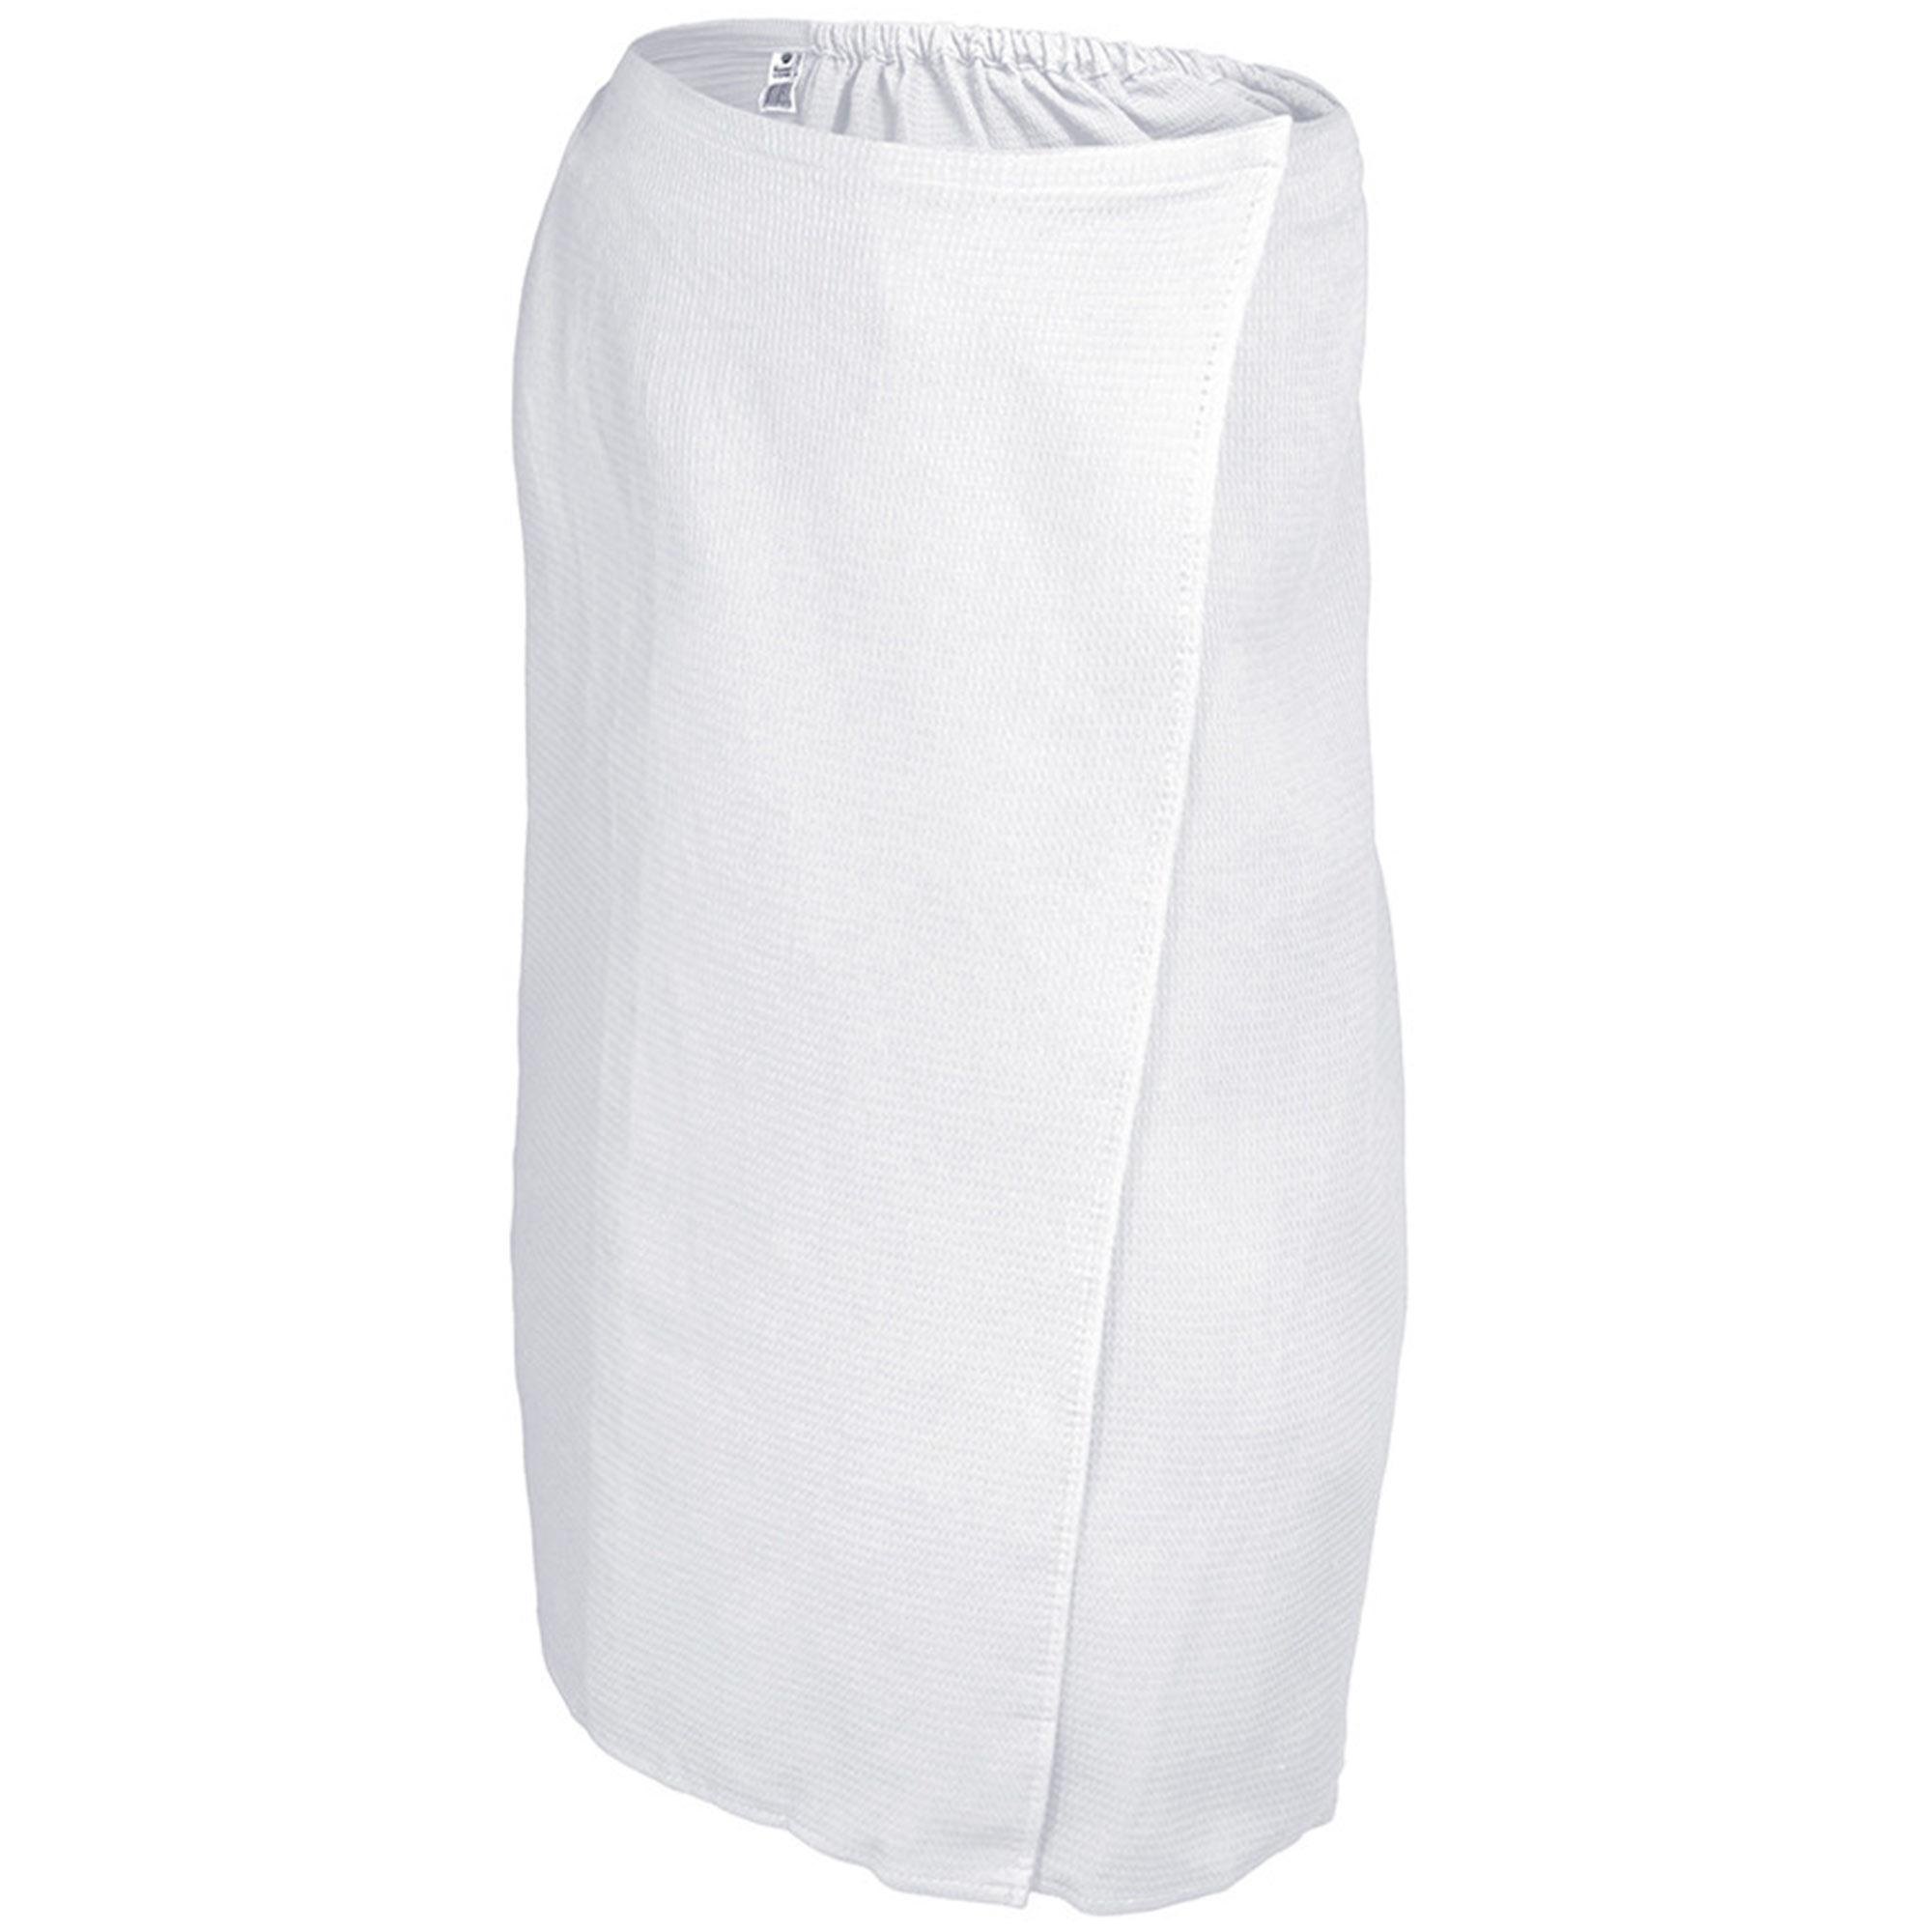 Вафельная накидка для женщин Банные штучки 145x78 см белая